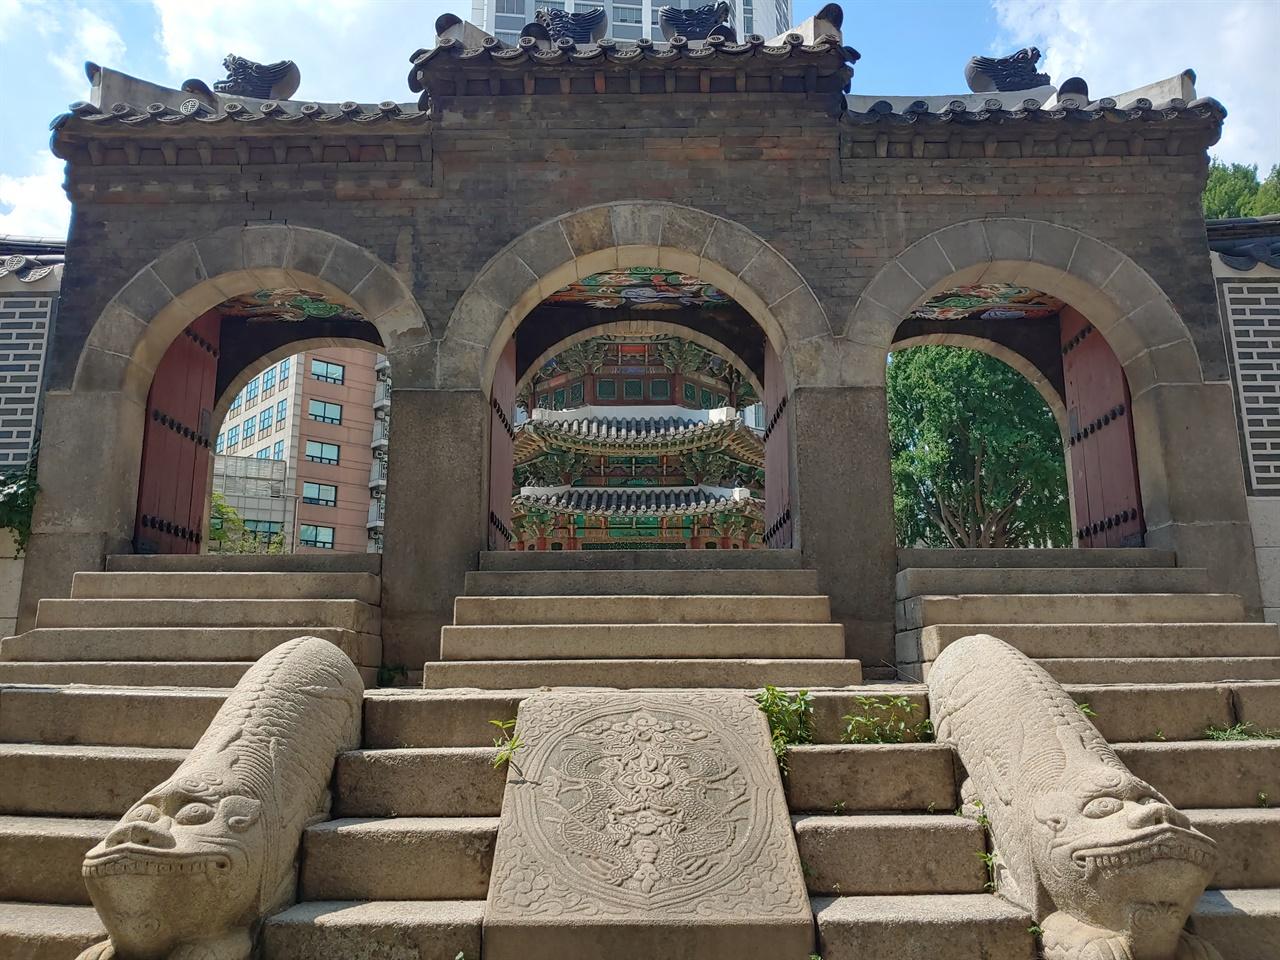 아치형 삼문 황궁우로 드는 아치형 삼문이다. 사용 된 검은 벽돌과 지붕 모양이 전형적인 청나라 풍 건축의 흔적이다.